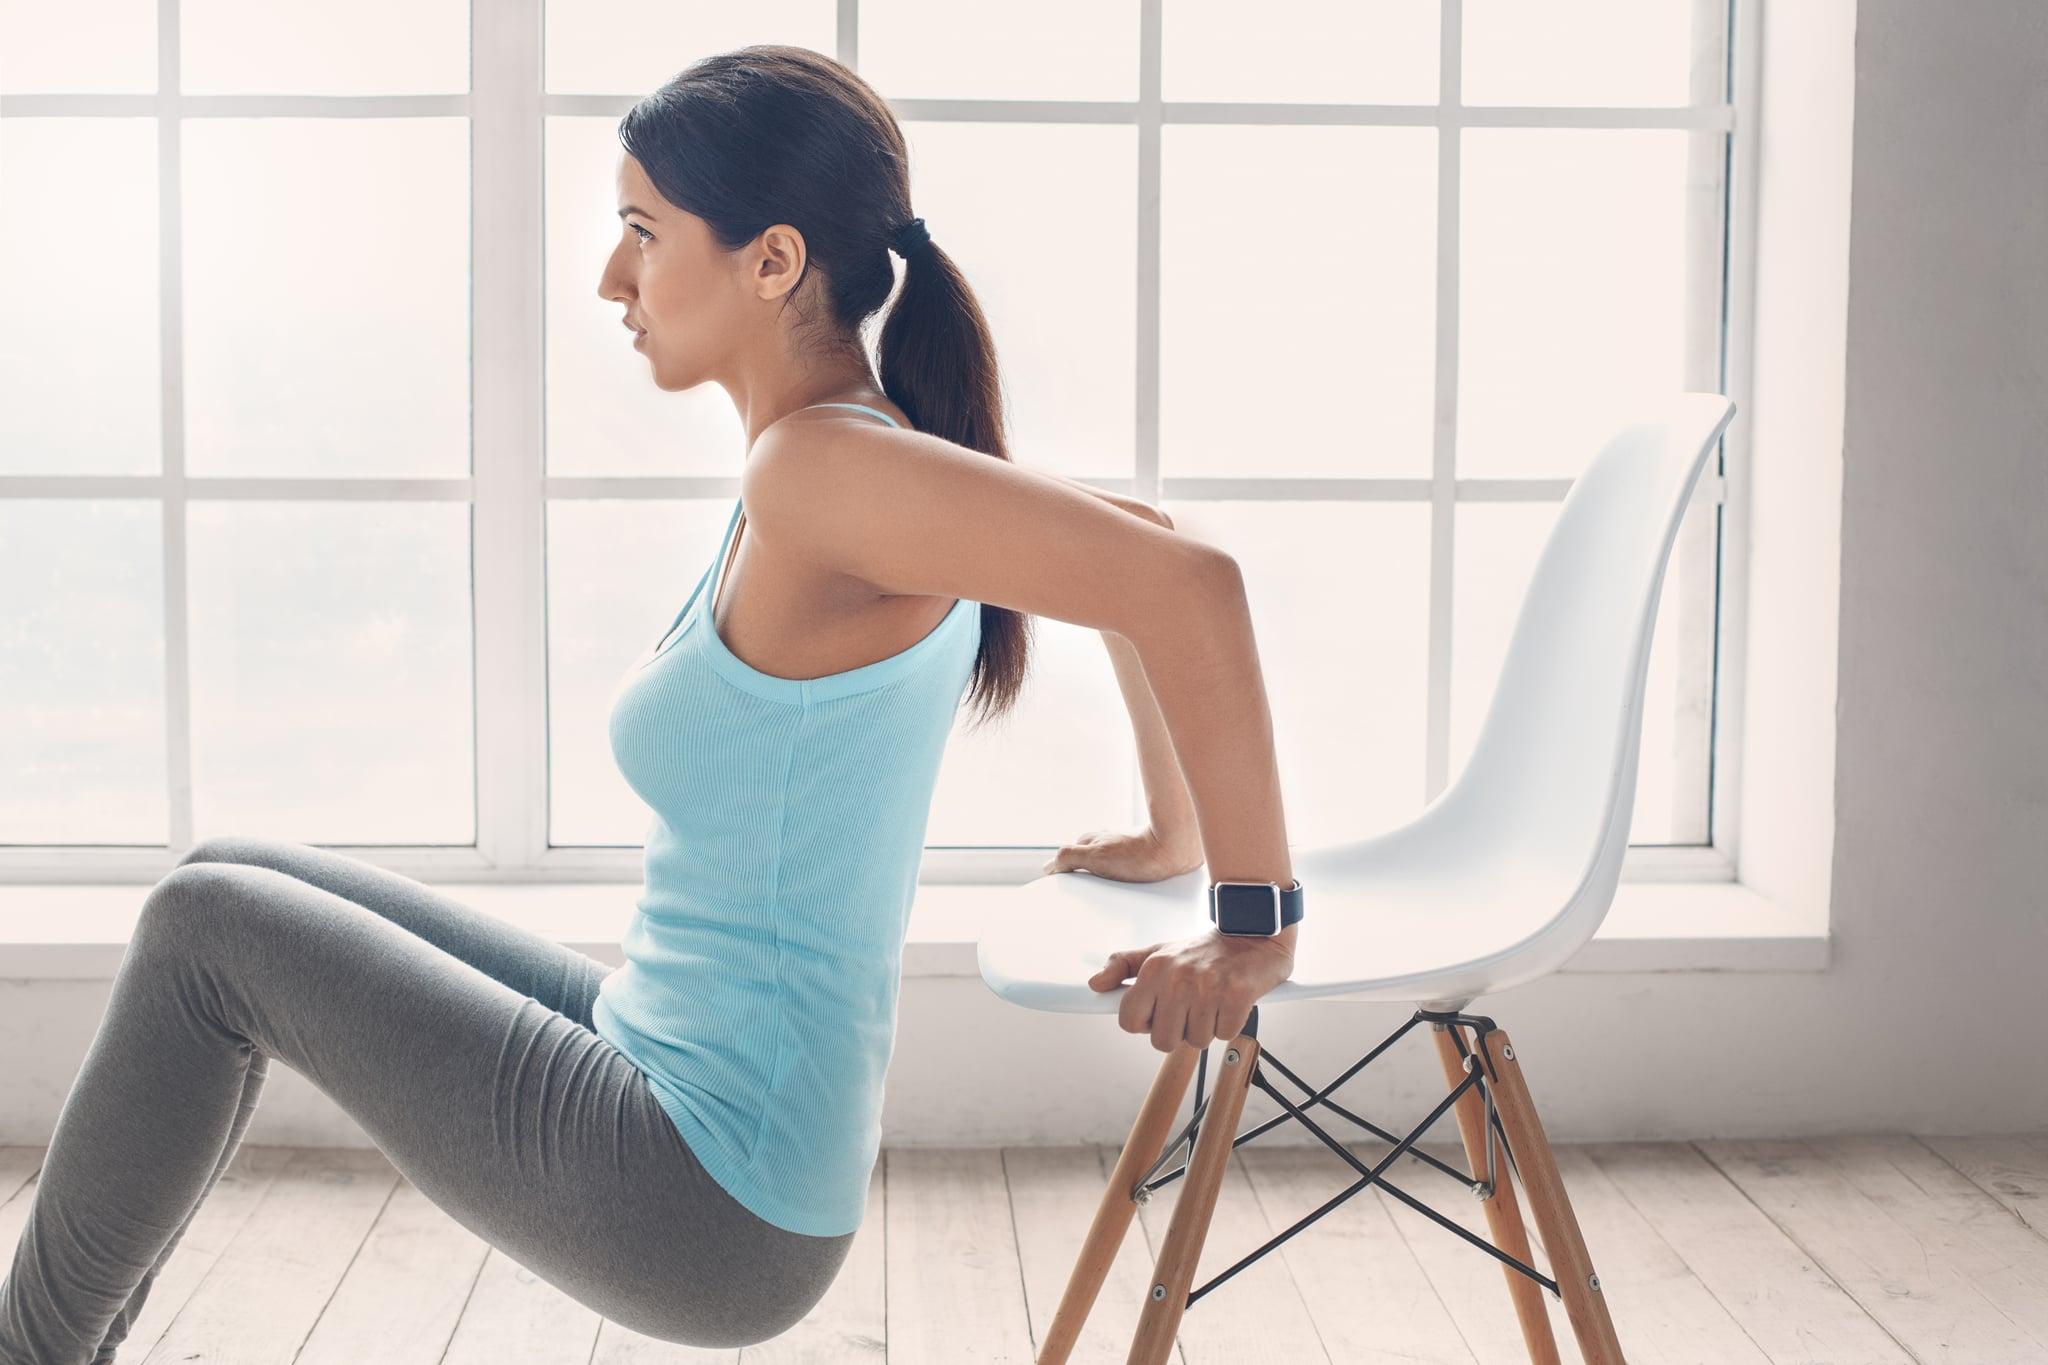 leg exercises using kitchen chair